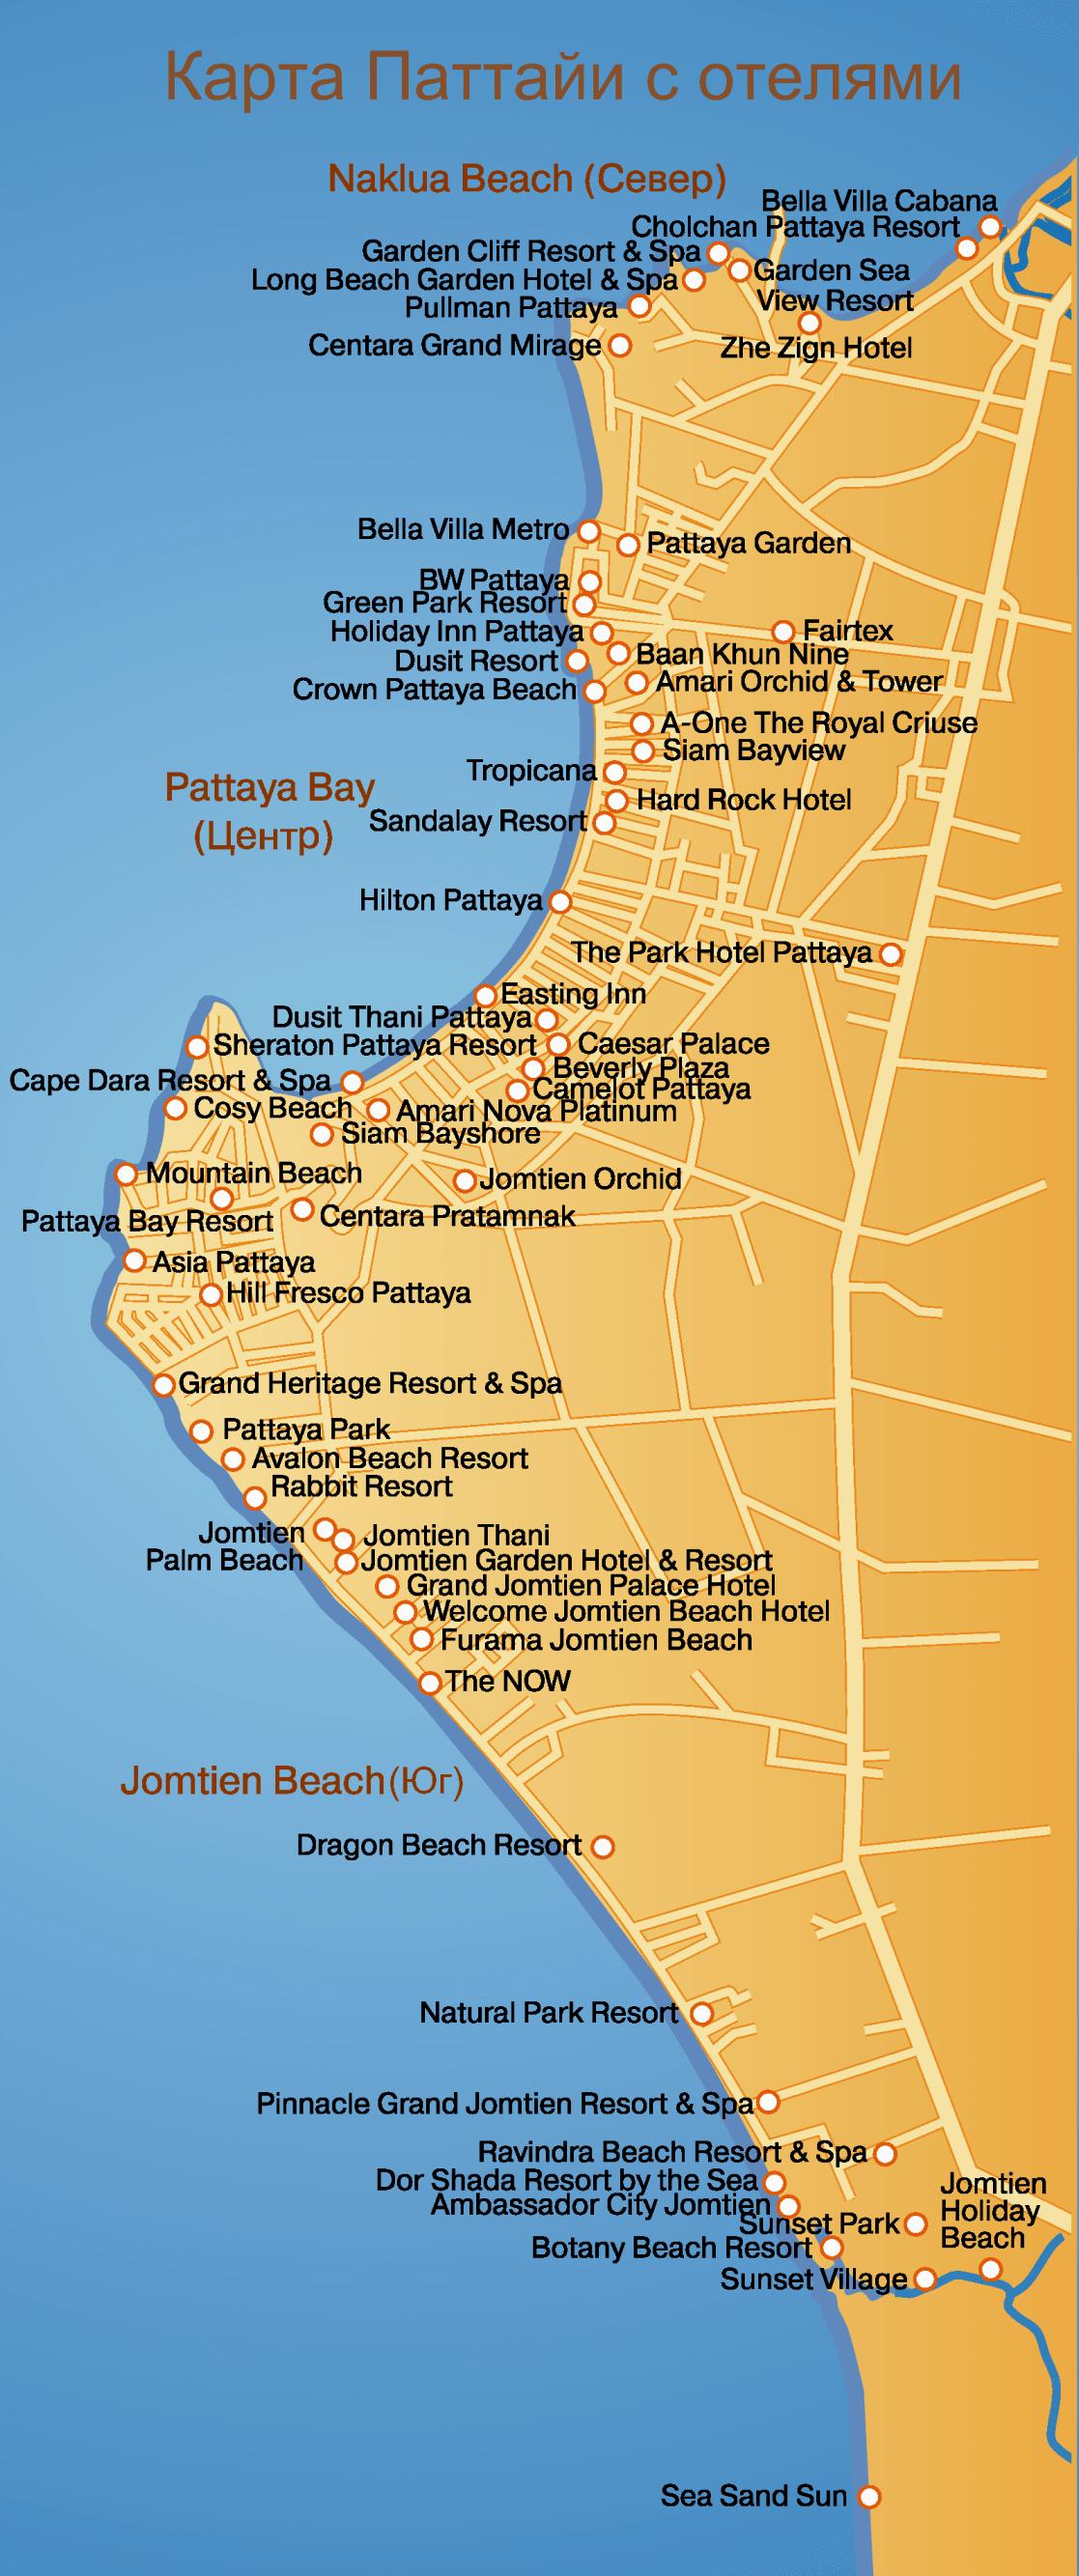 Карта-схема Паттайи с названиями отелей и пляжей